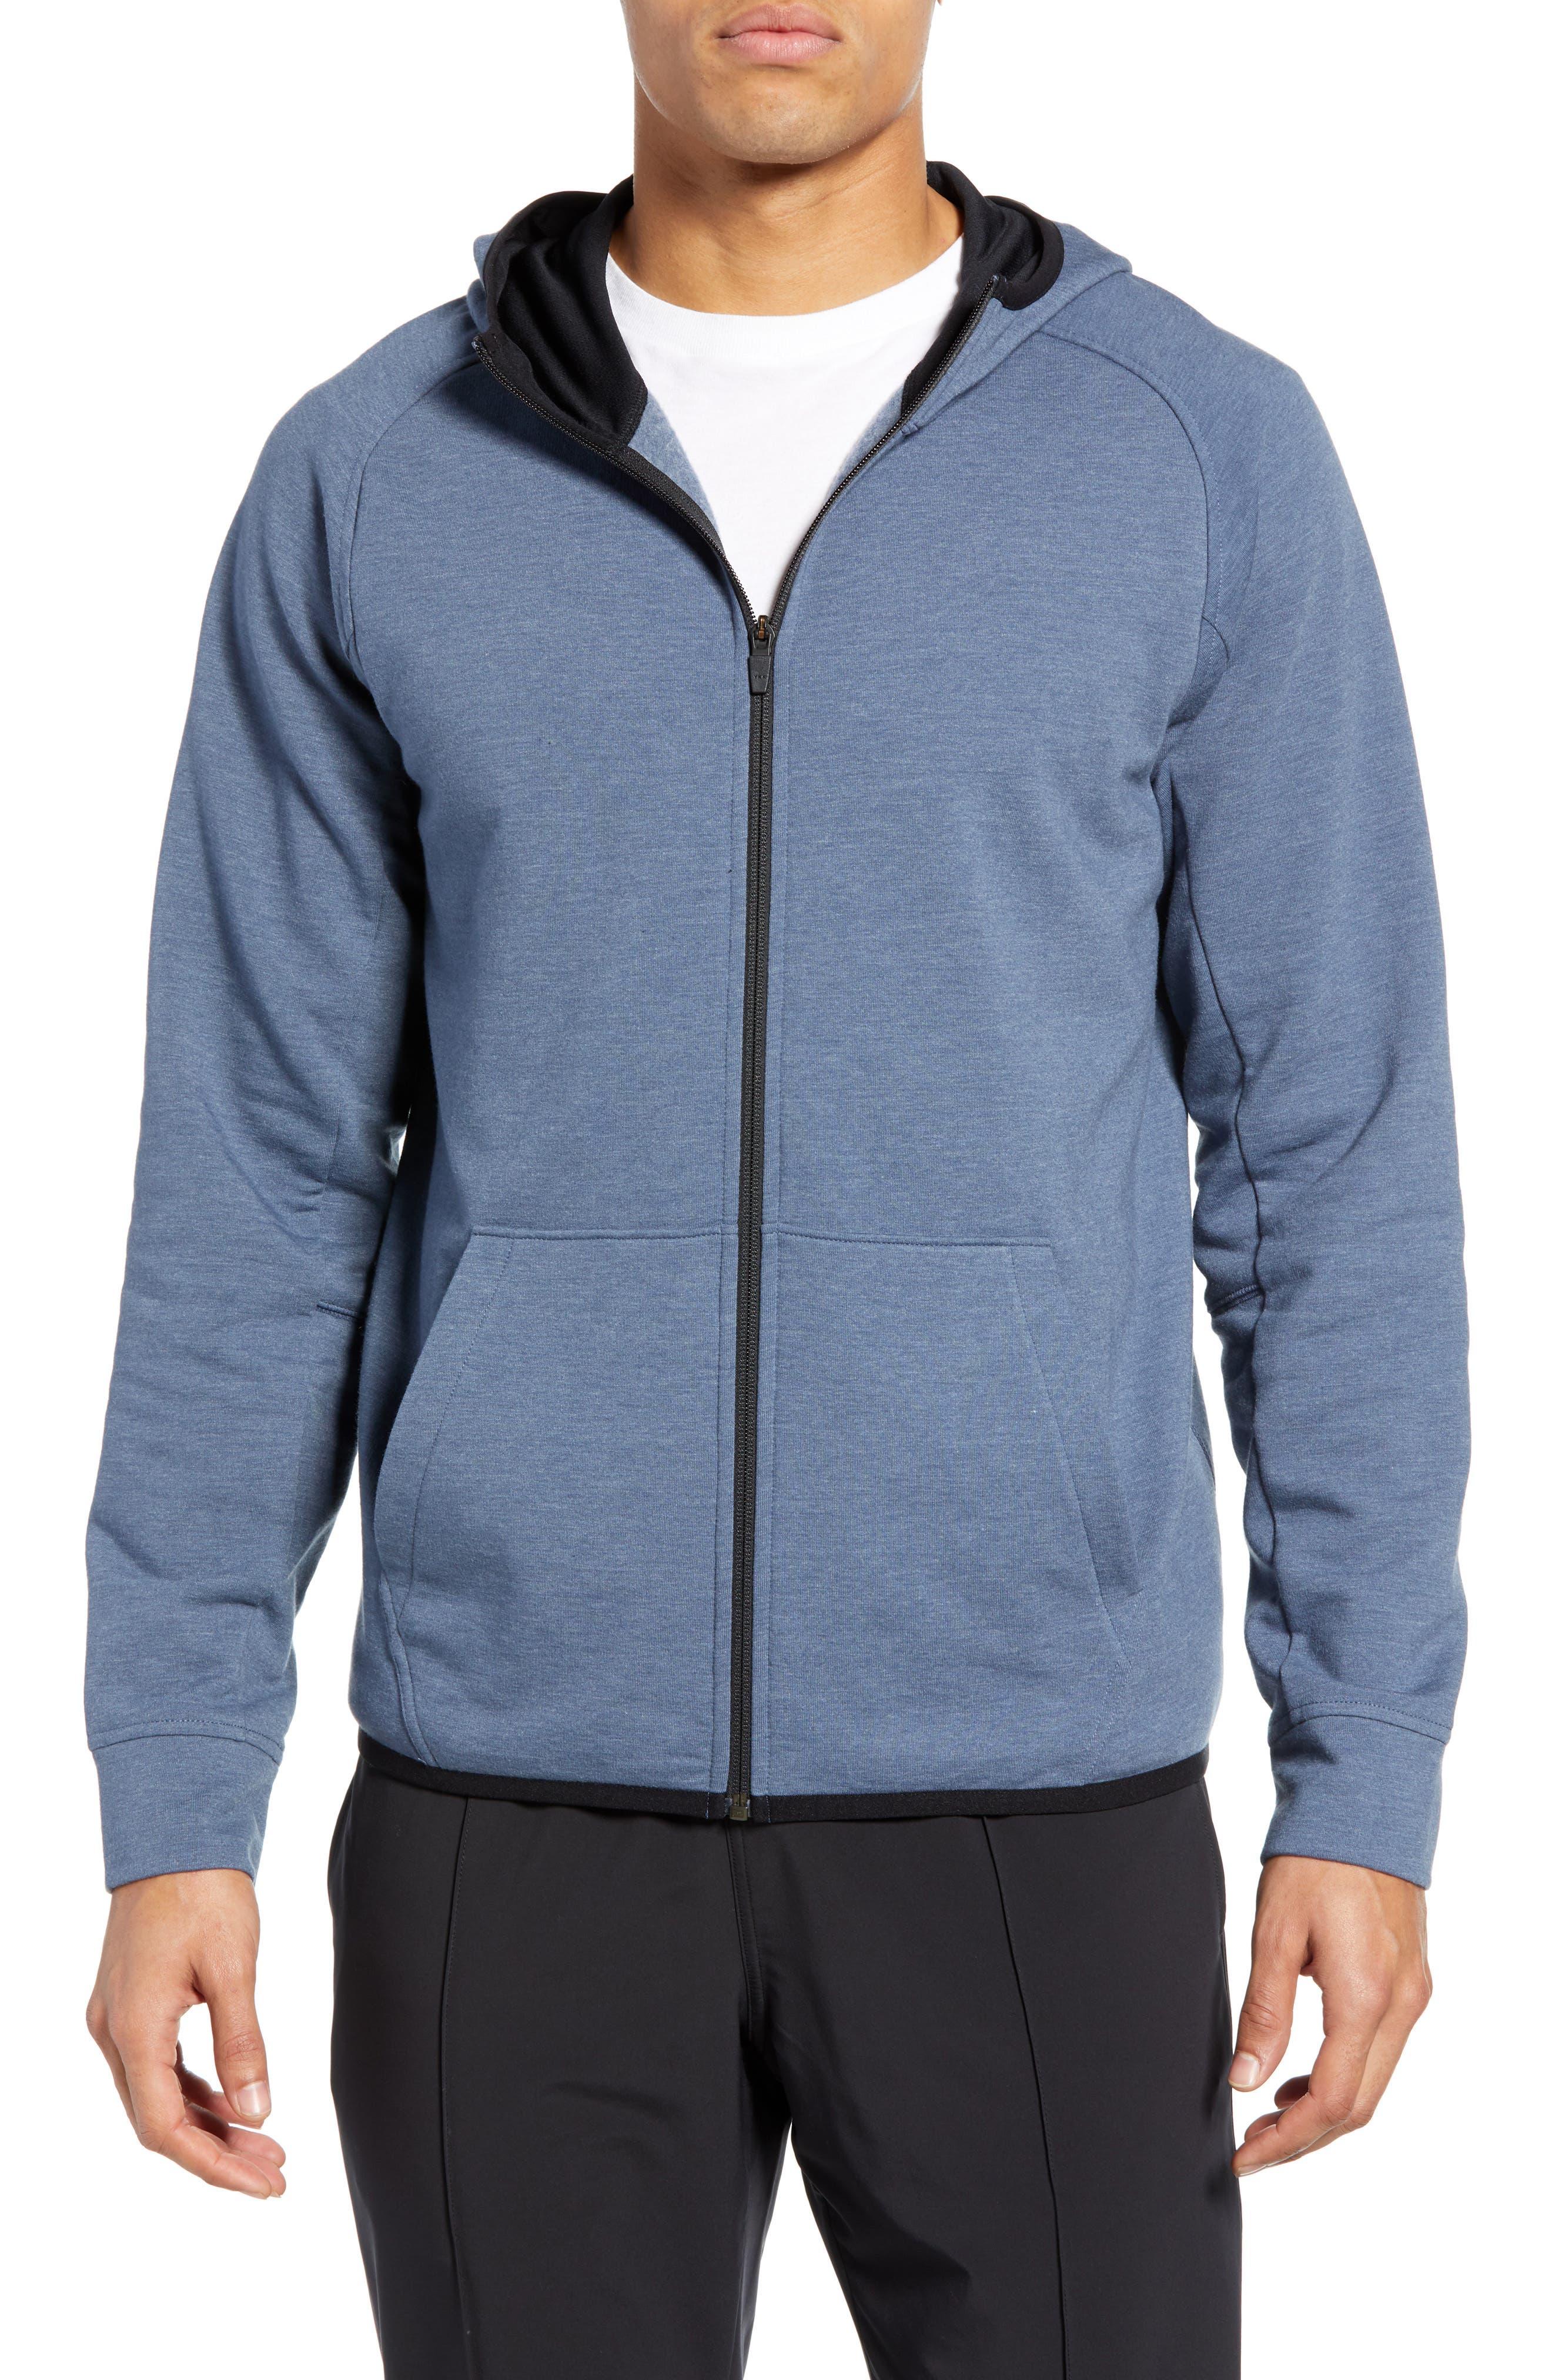 ZELLA Zip Fleece Hoodie, Main, color, BLUE VINTAGE MELANGE